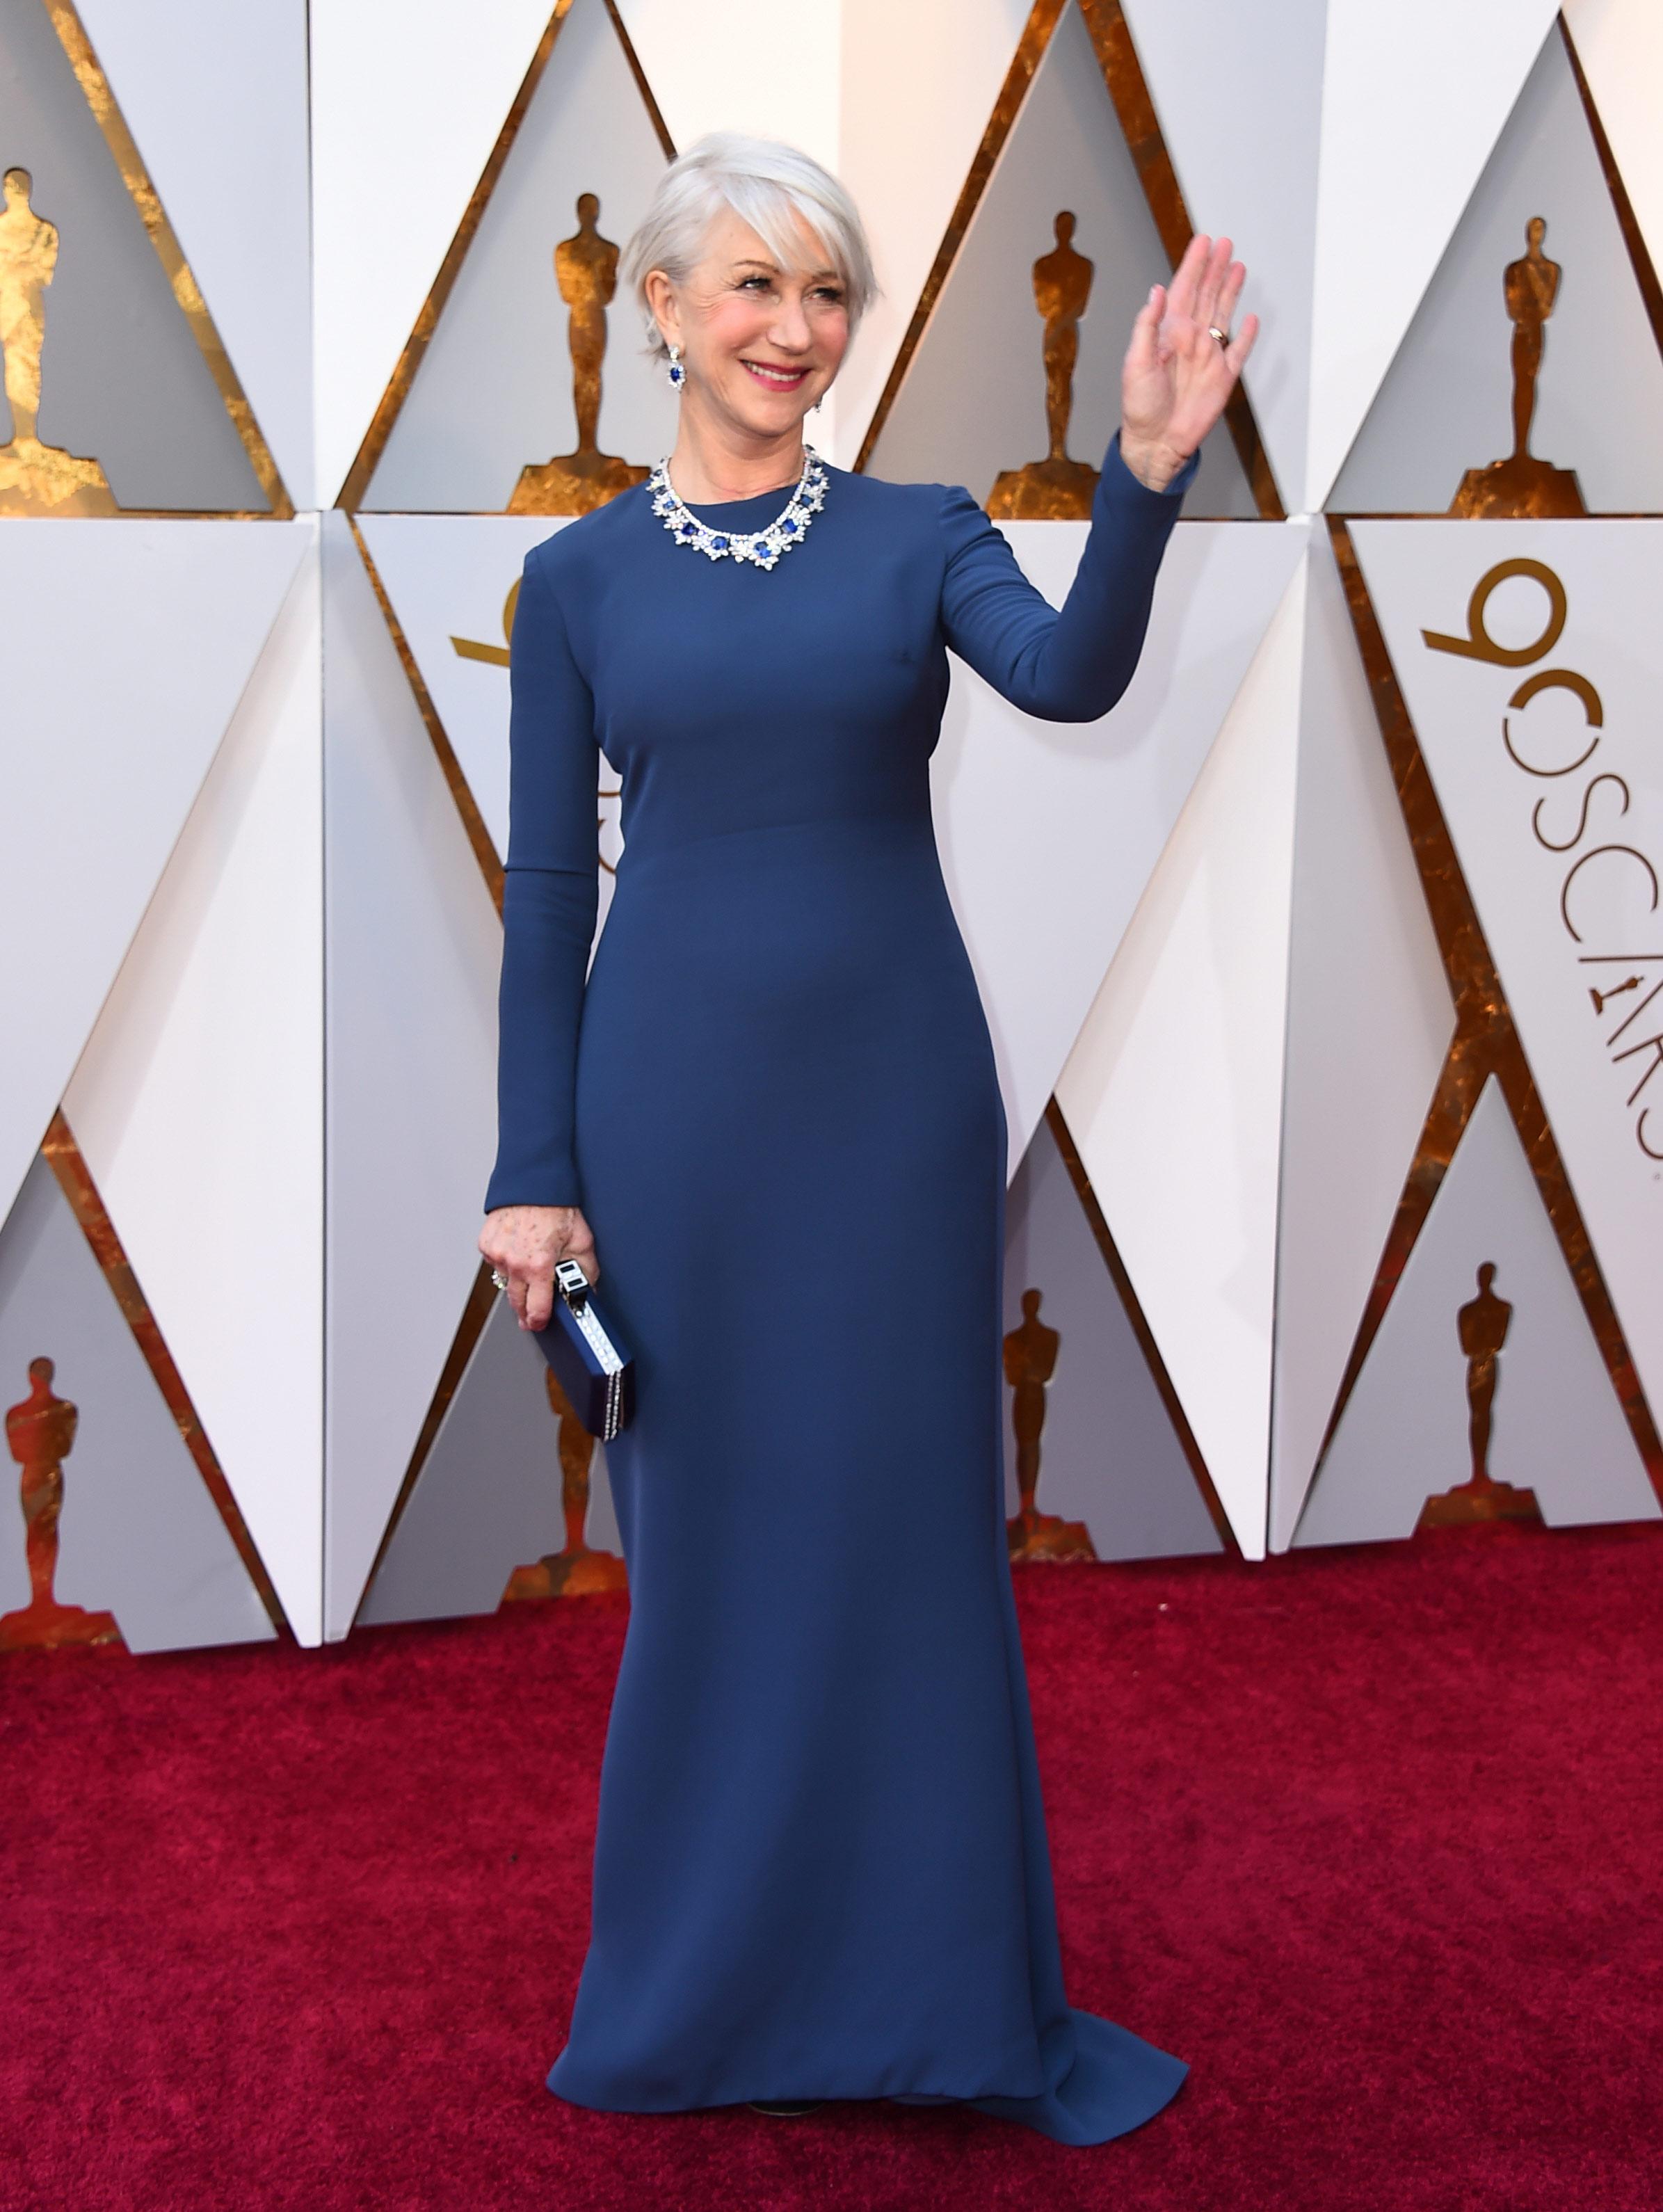 Helen Mirren, elegantísima, con su vestido de mangas largas azul marino de  Reem Acra en su llegada a los Premios Oscar 2018. (The Associated Press)